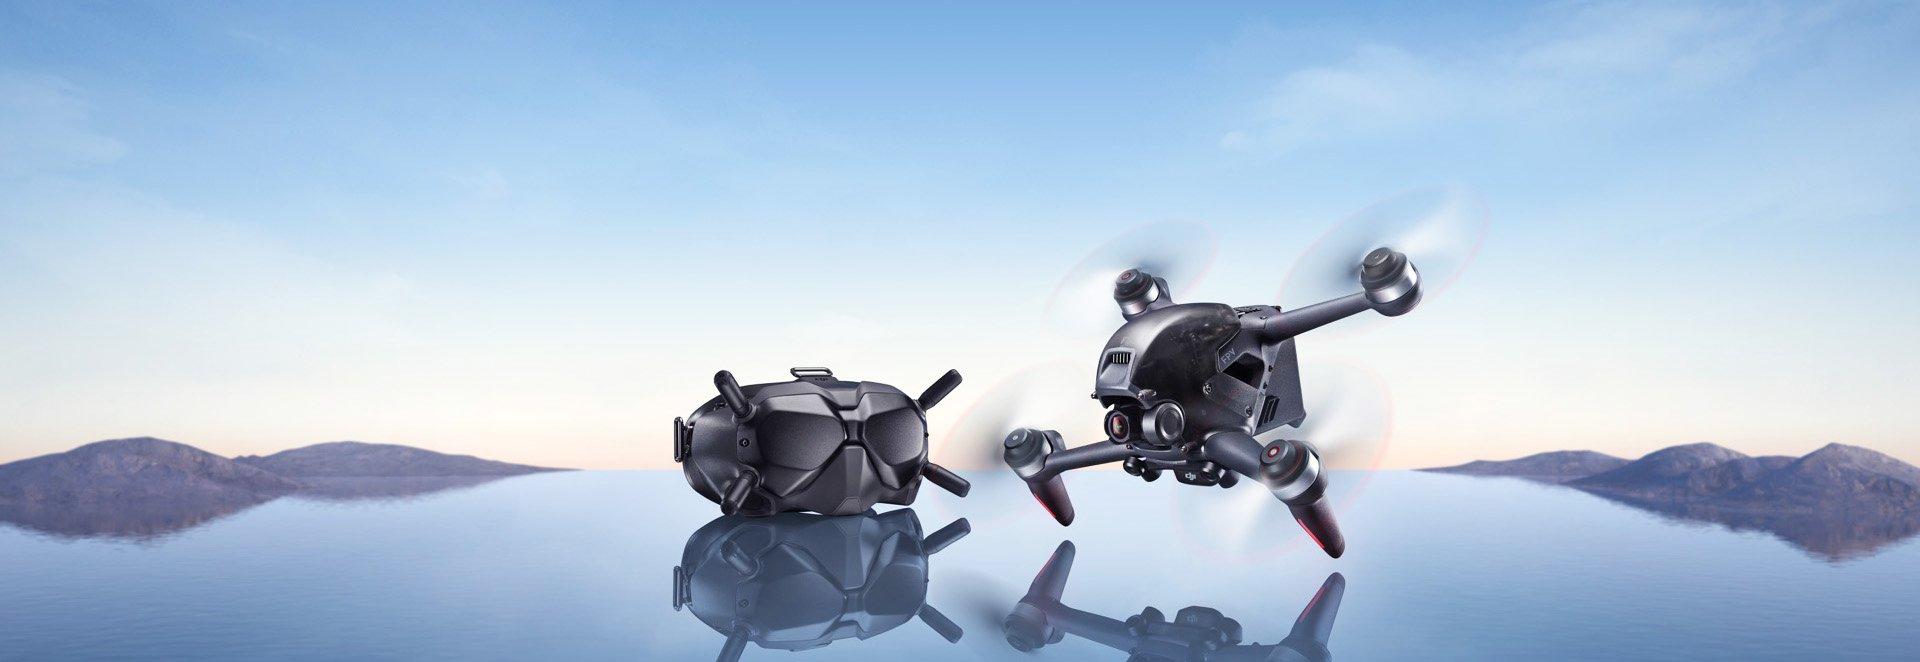 máy bay drone đua fpv của dji